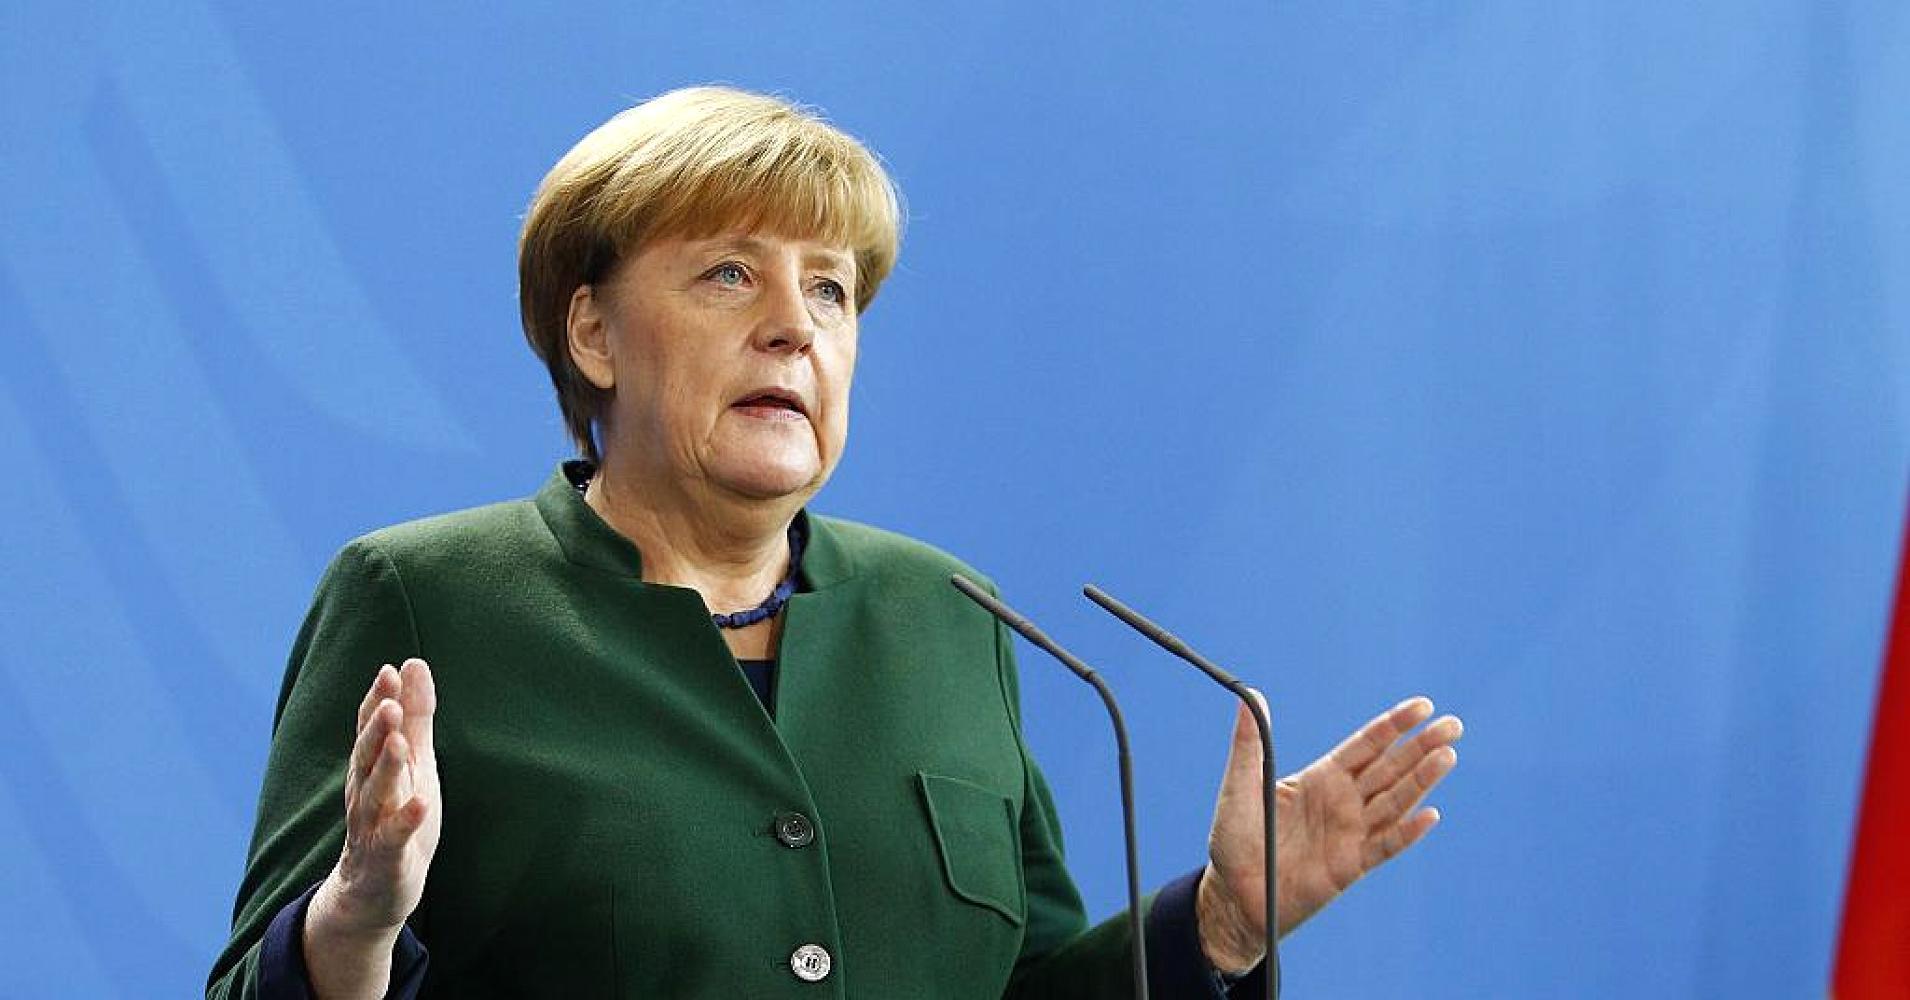 Libia. La Conferencia de Berlín acuerda respetar el alto el fuego y el embargo de armas acordado en 2011 por la ONU